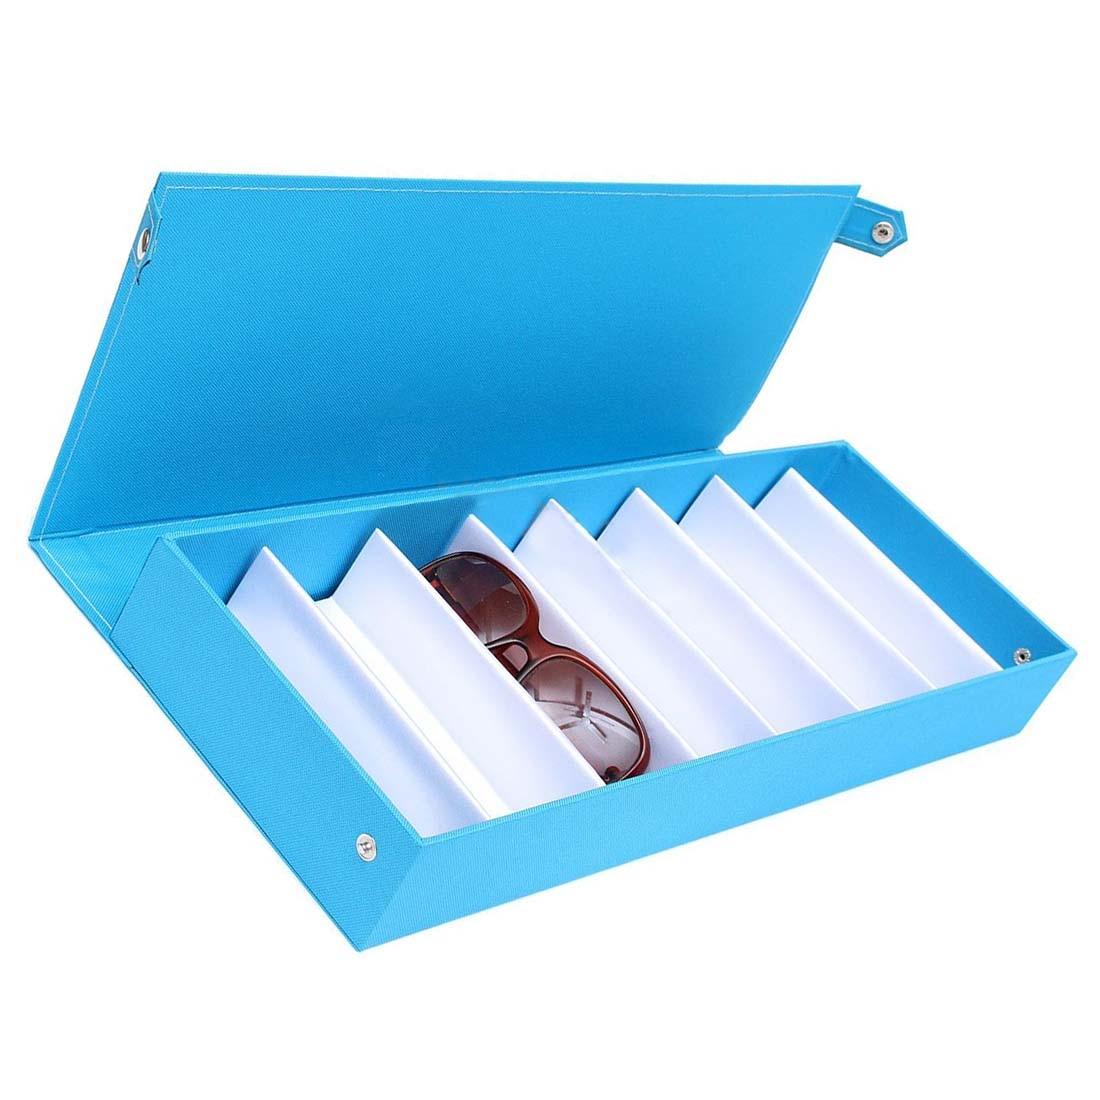 Nova Caixa de Óculos De Sol Caso Óculos Saco Bolsa Porta Caso Bandeja de Exibição Azul